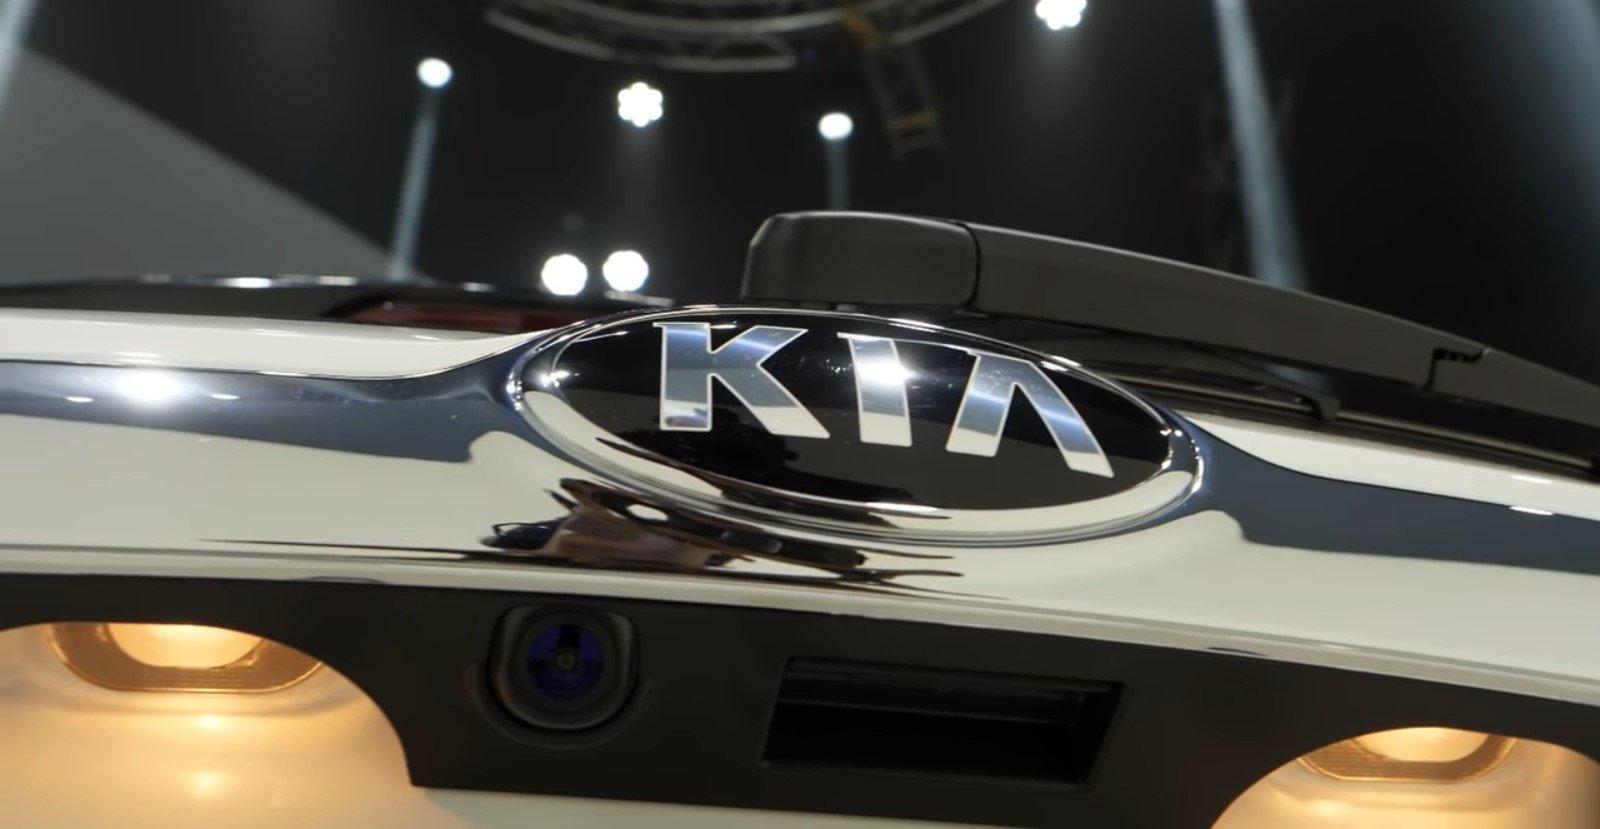 Hình ảnh camera lùi xe Kia Seltos 2020